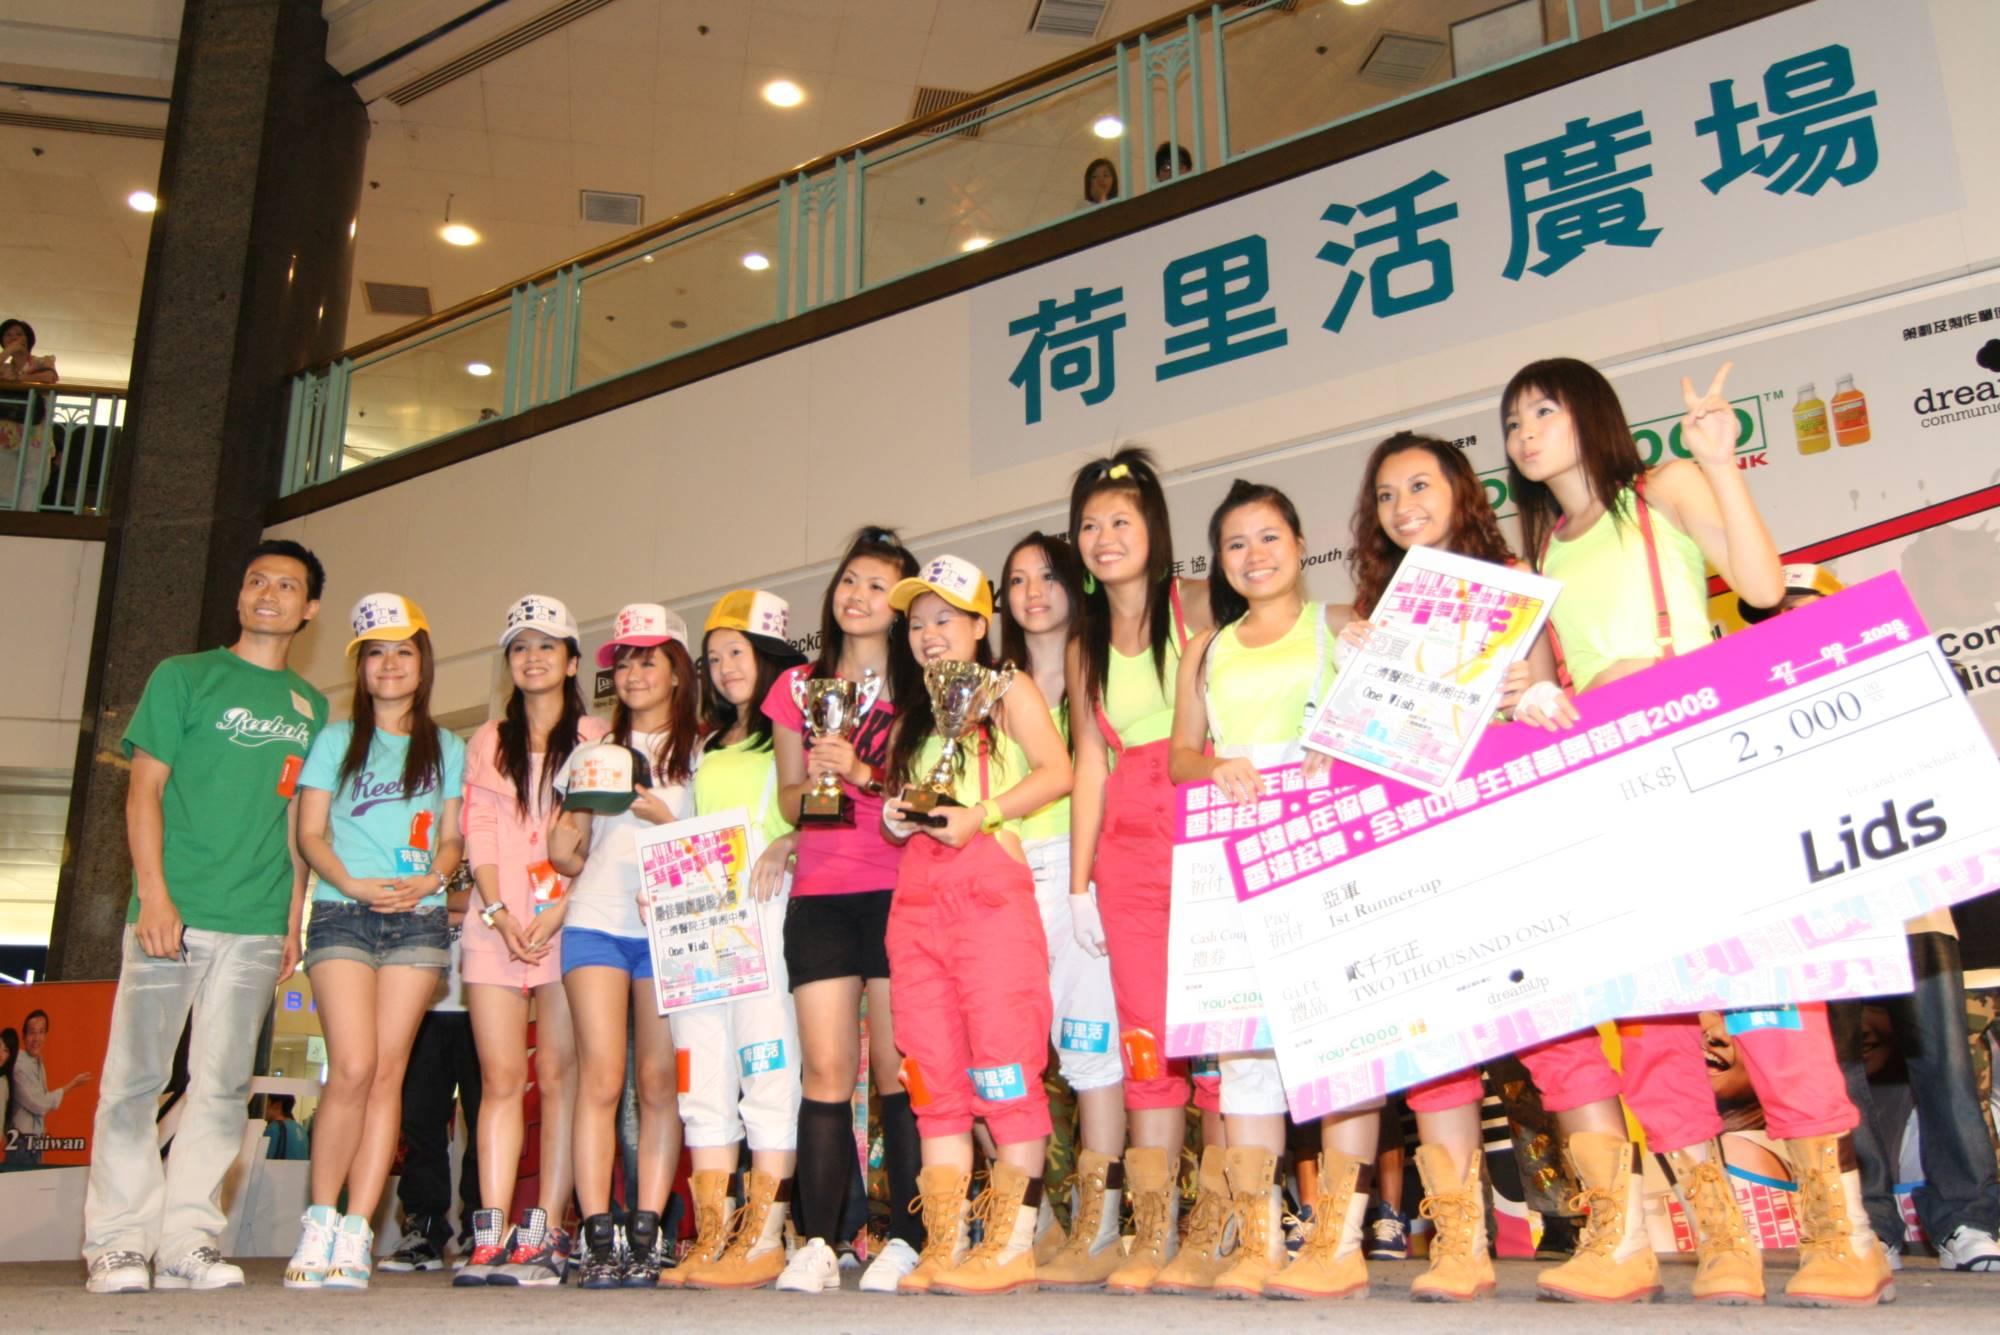 全港中學生舞蹈賽2008得獎隊伍 (4)